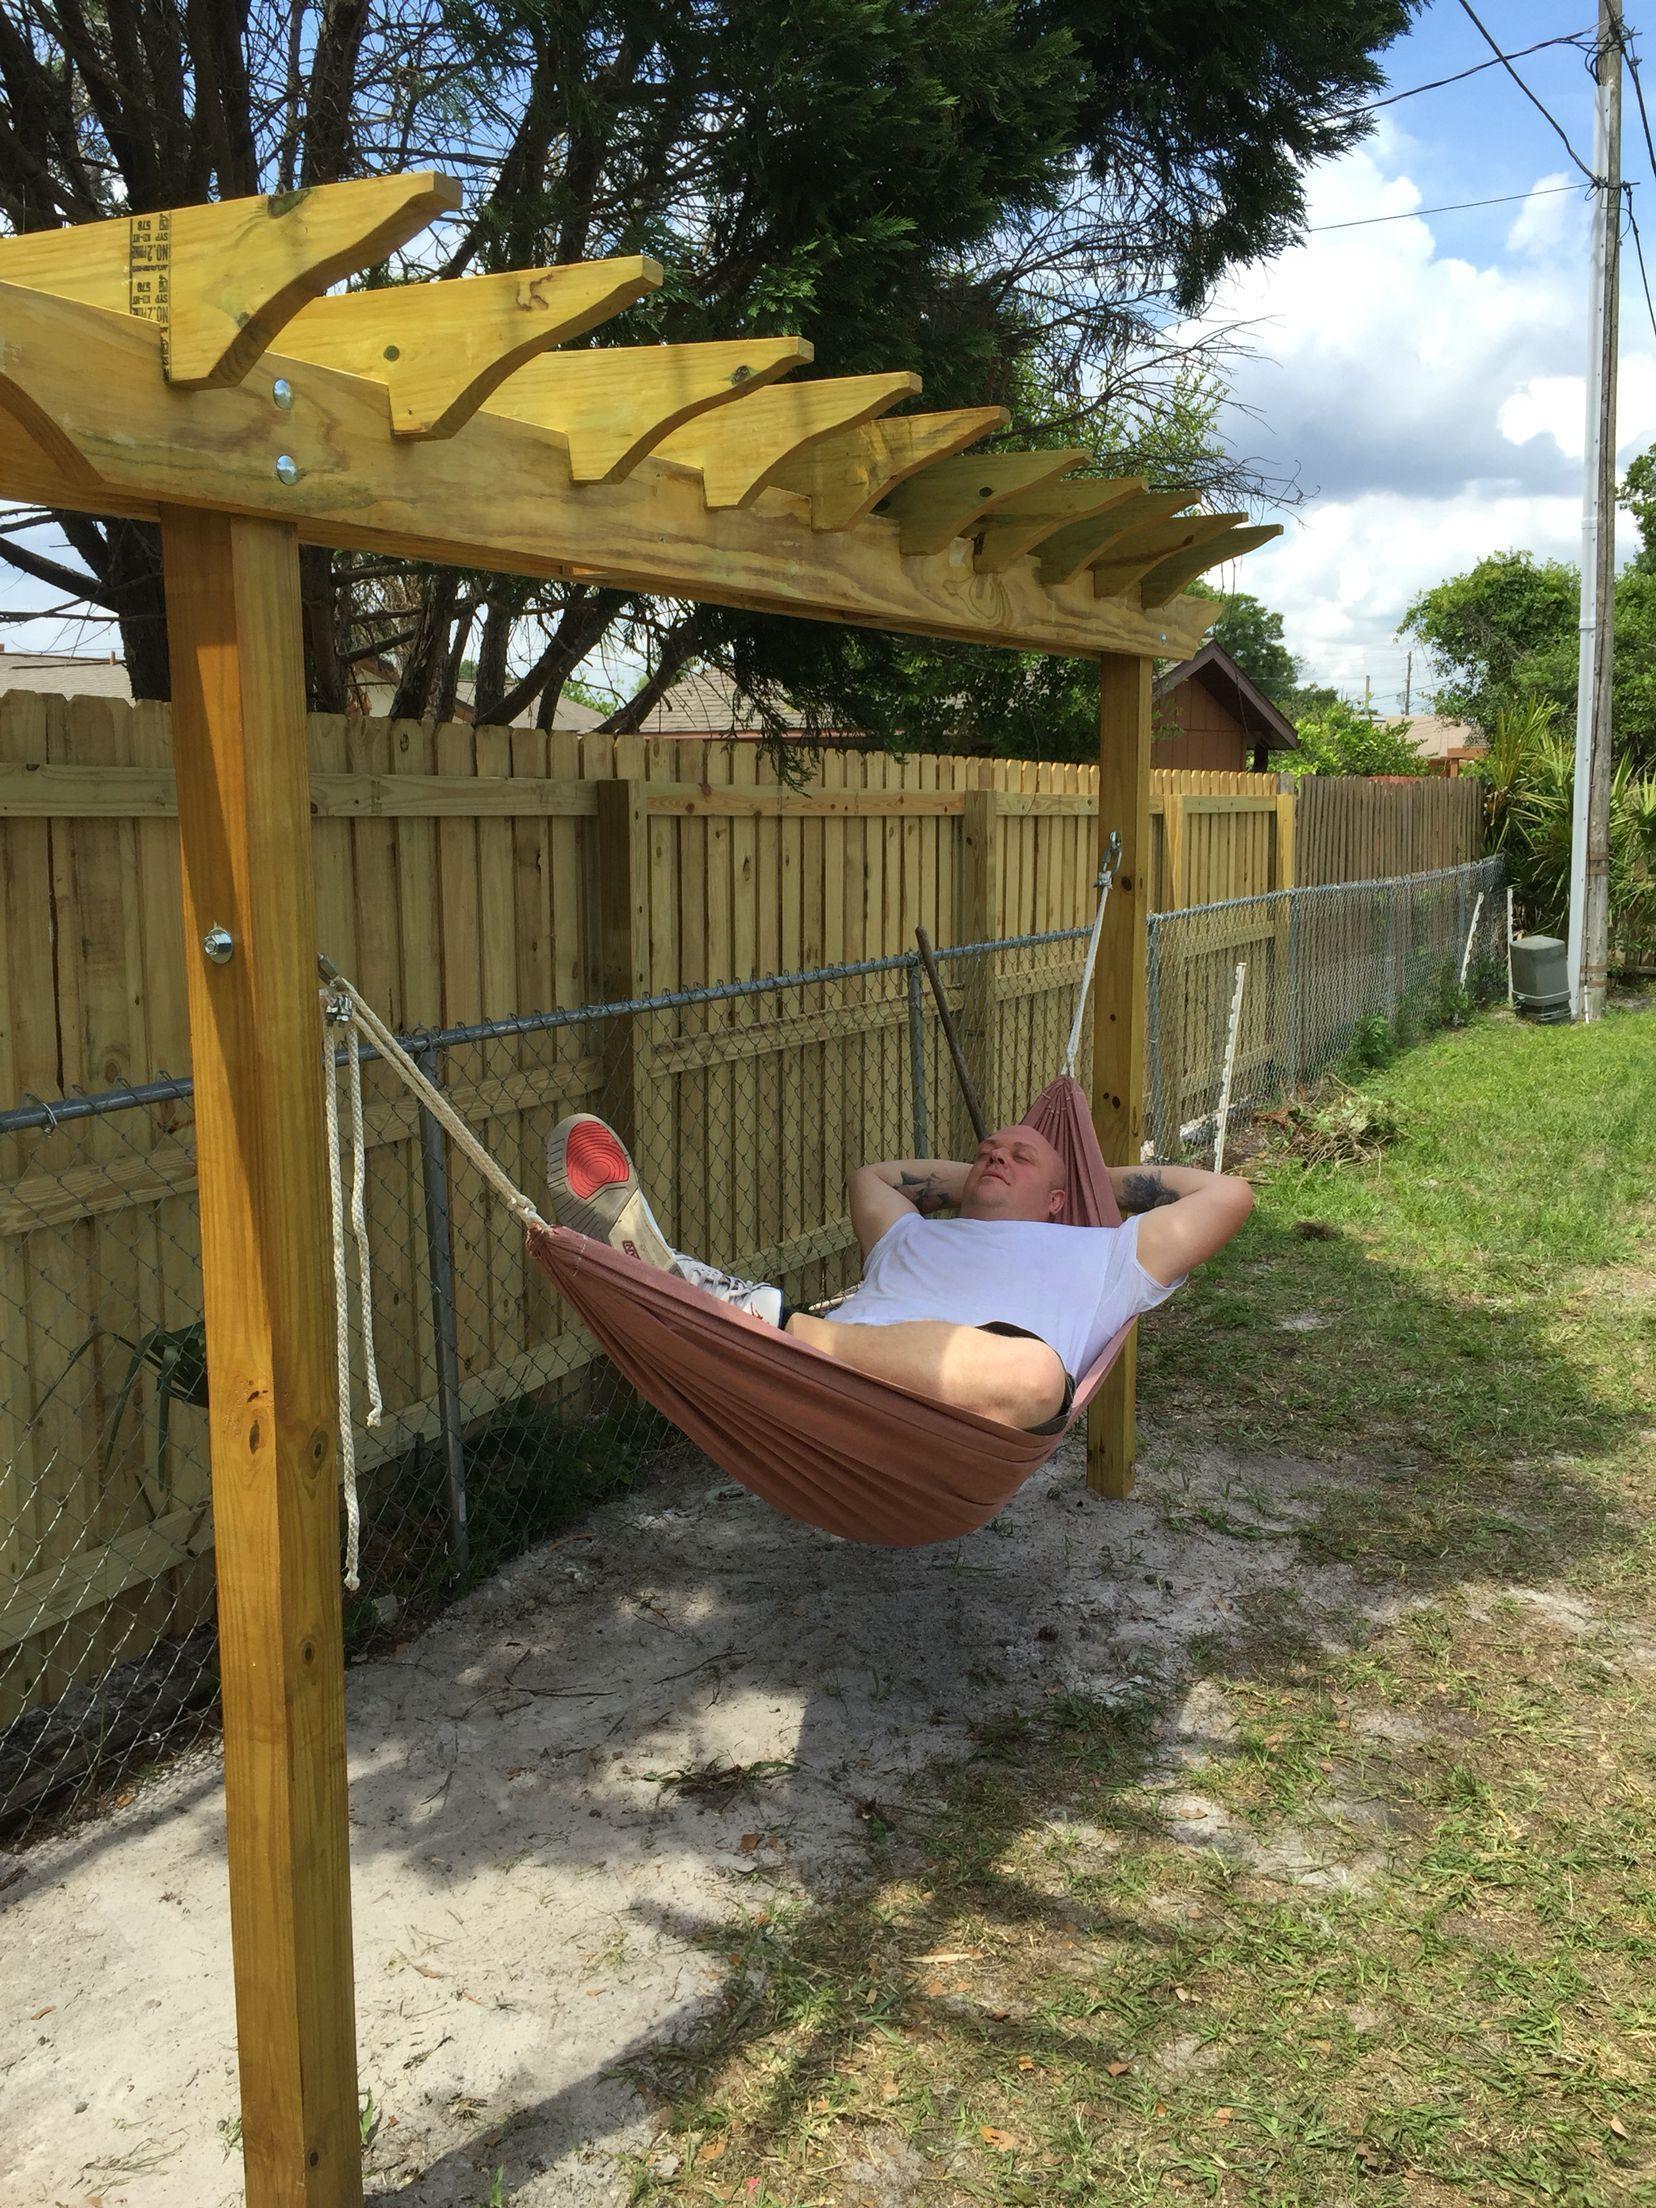 45 creative backyard hammock decor ideas backyard